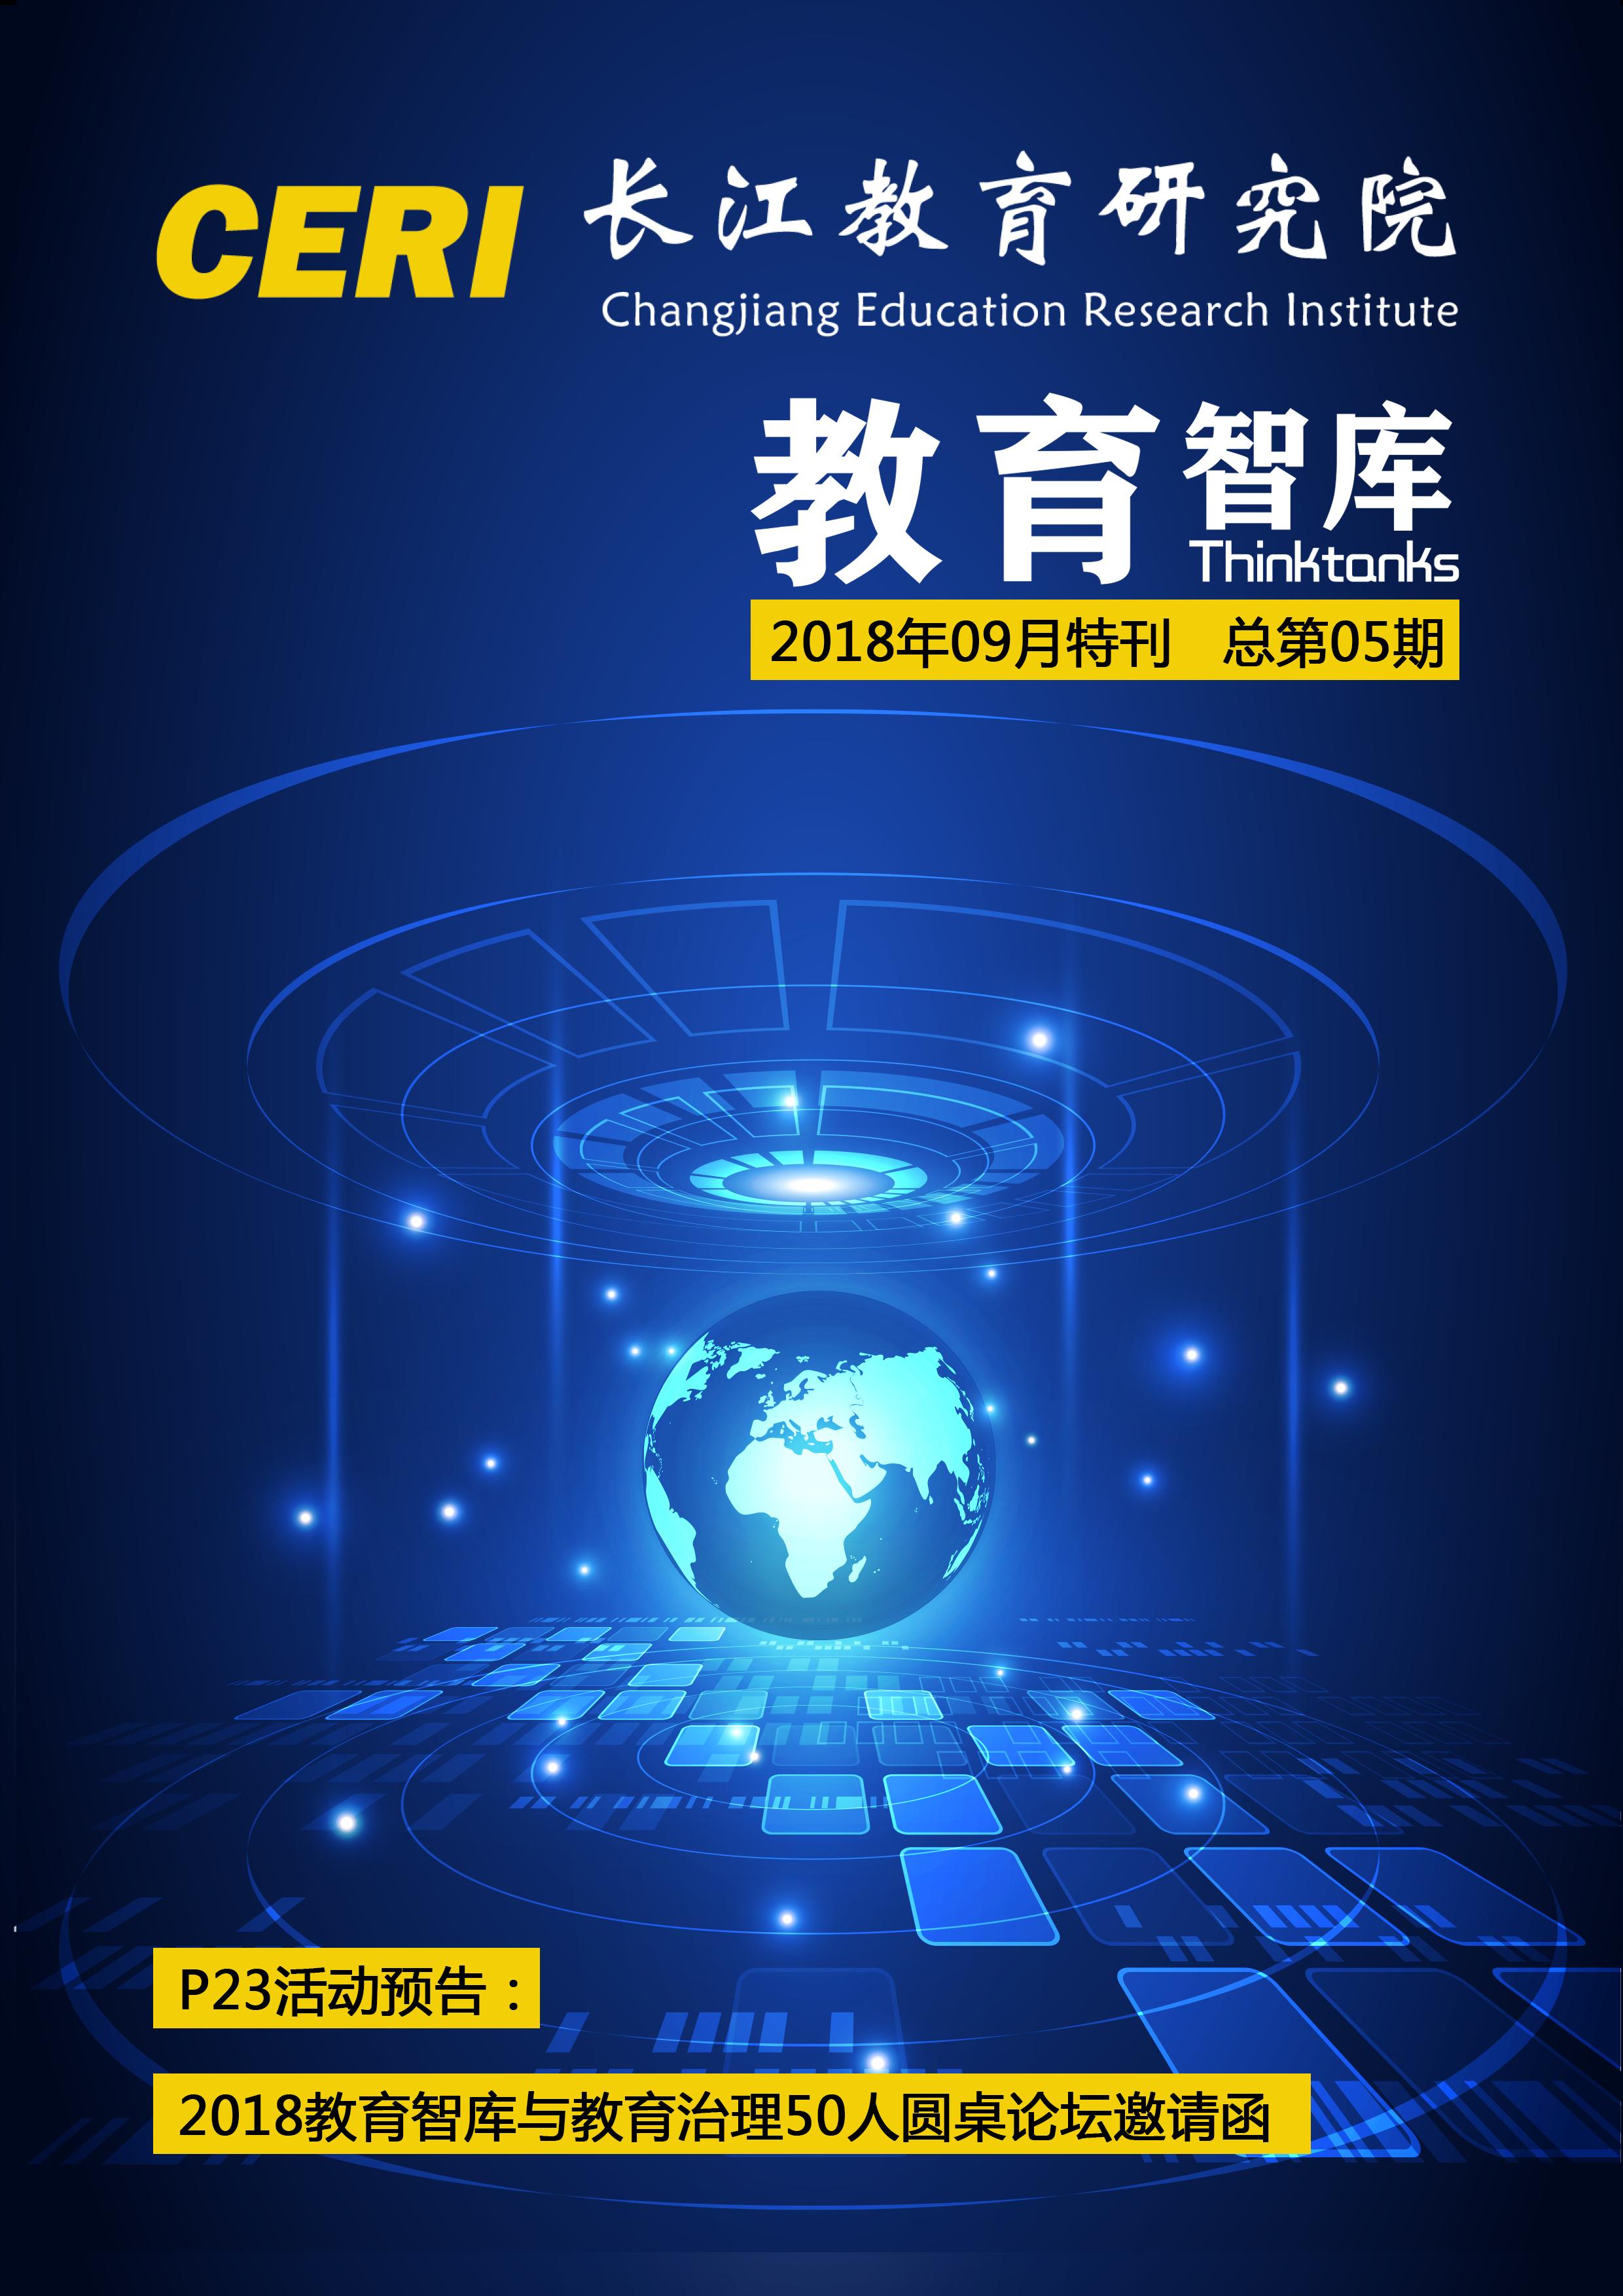 2018年电子通讯第五期 特刊